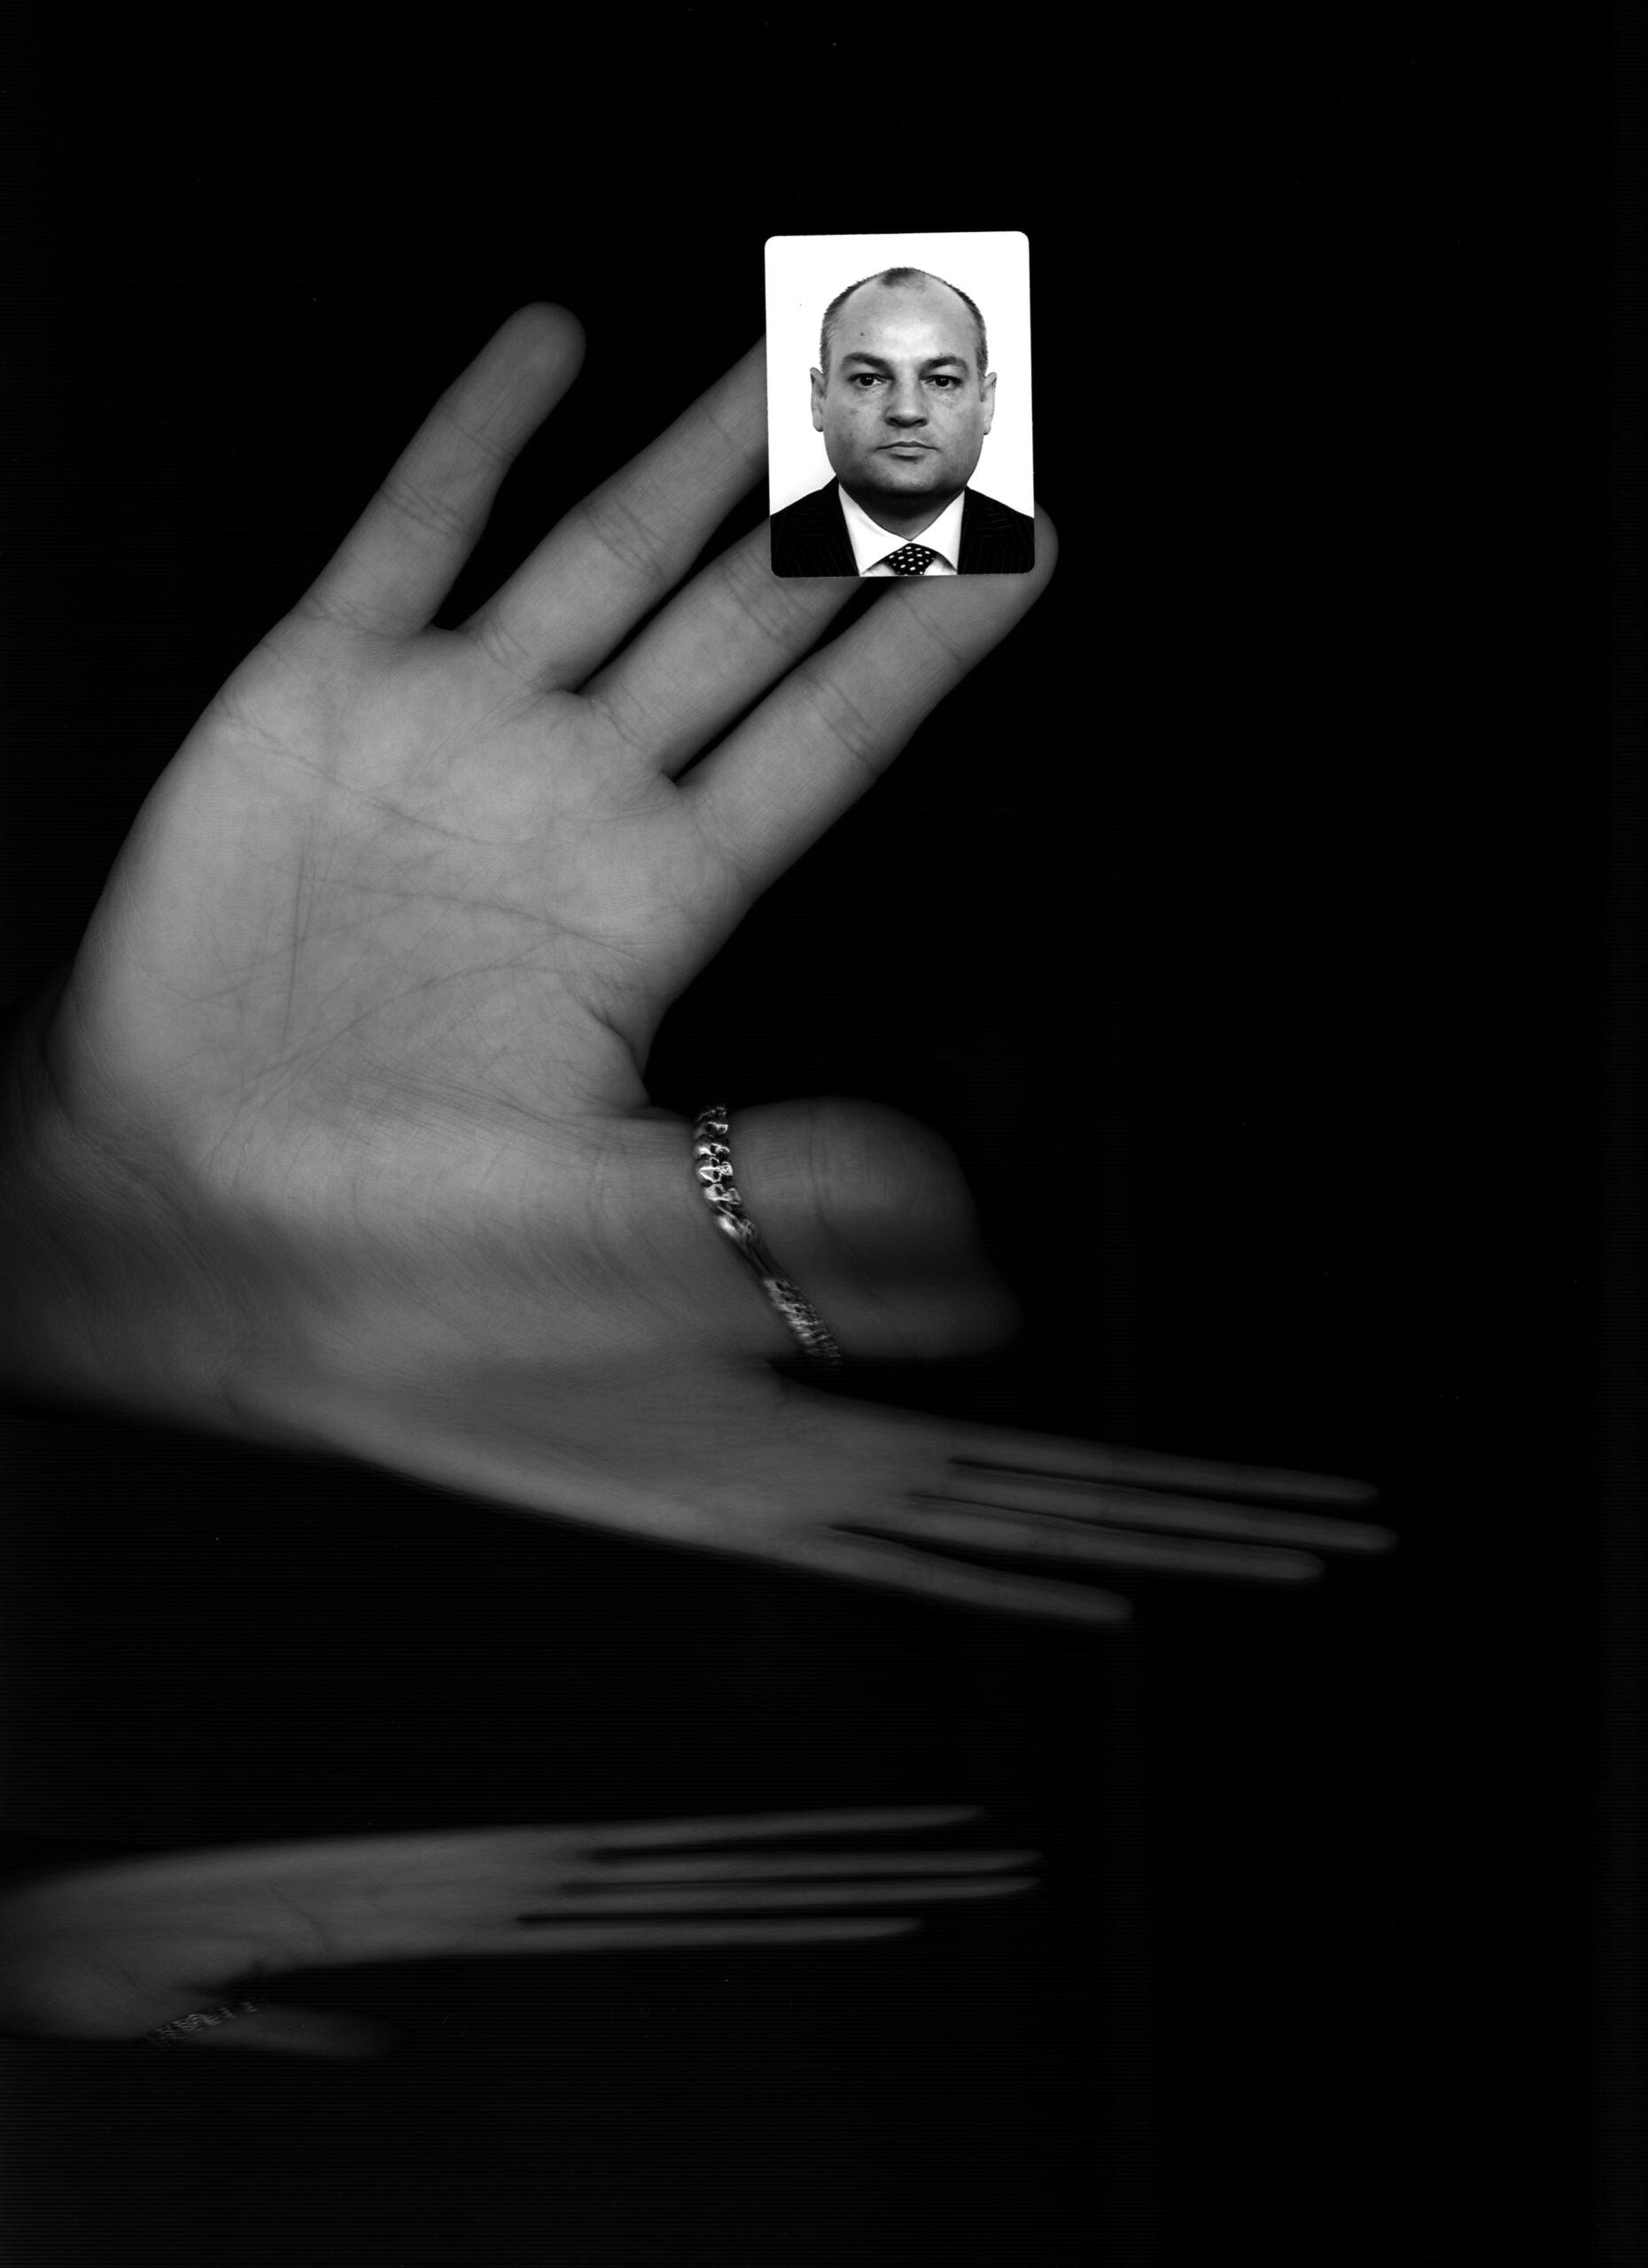 Passport Photo on hand Black and White